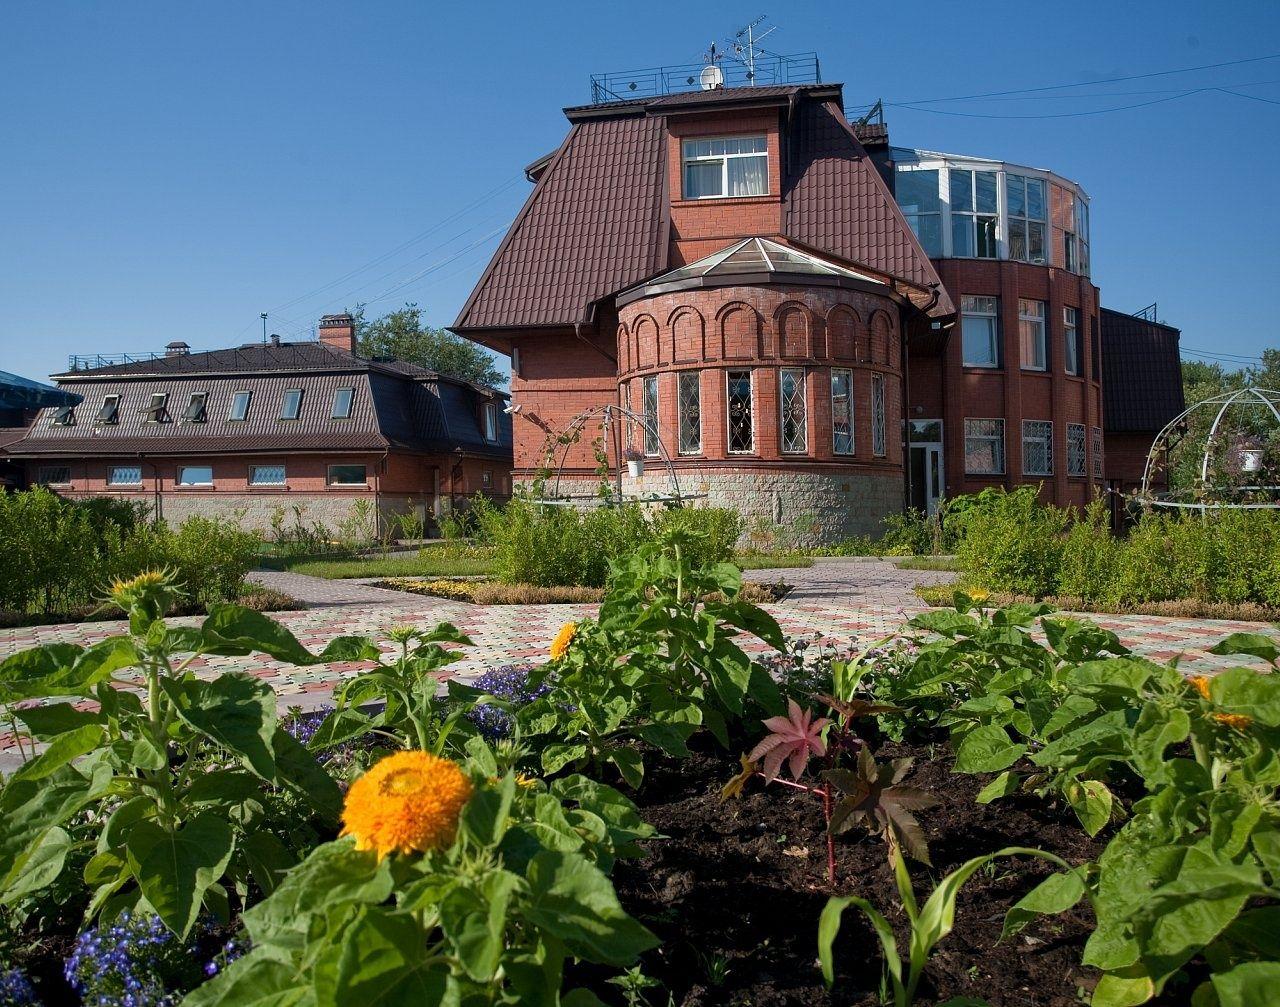 Отель «Коломяжский визит» Ленинградская область, фото 3